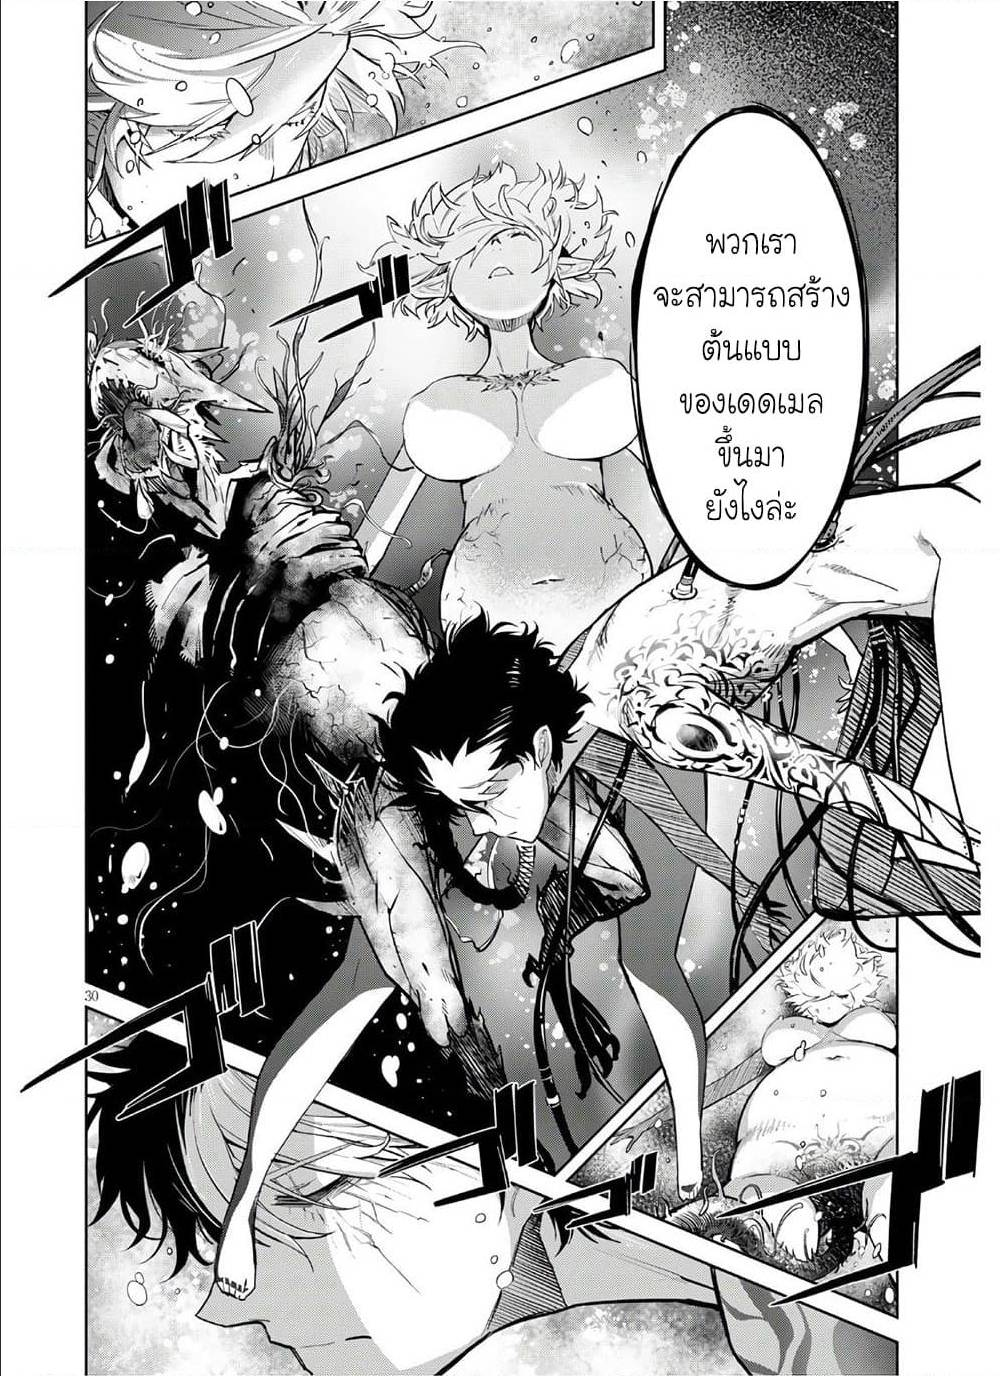 อ่านการ์ตูน Game obu Familia - Family Senki ตอนที่ 28 หน้าที่ 29